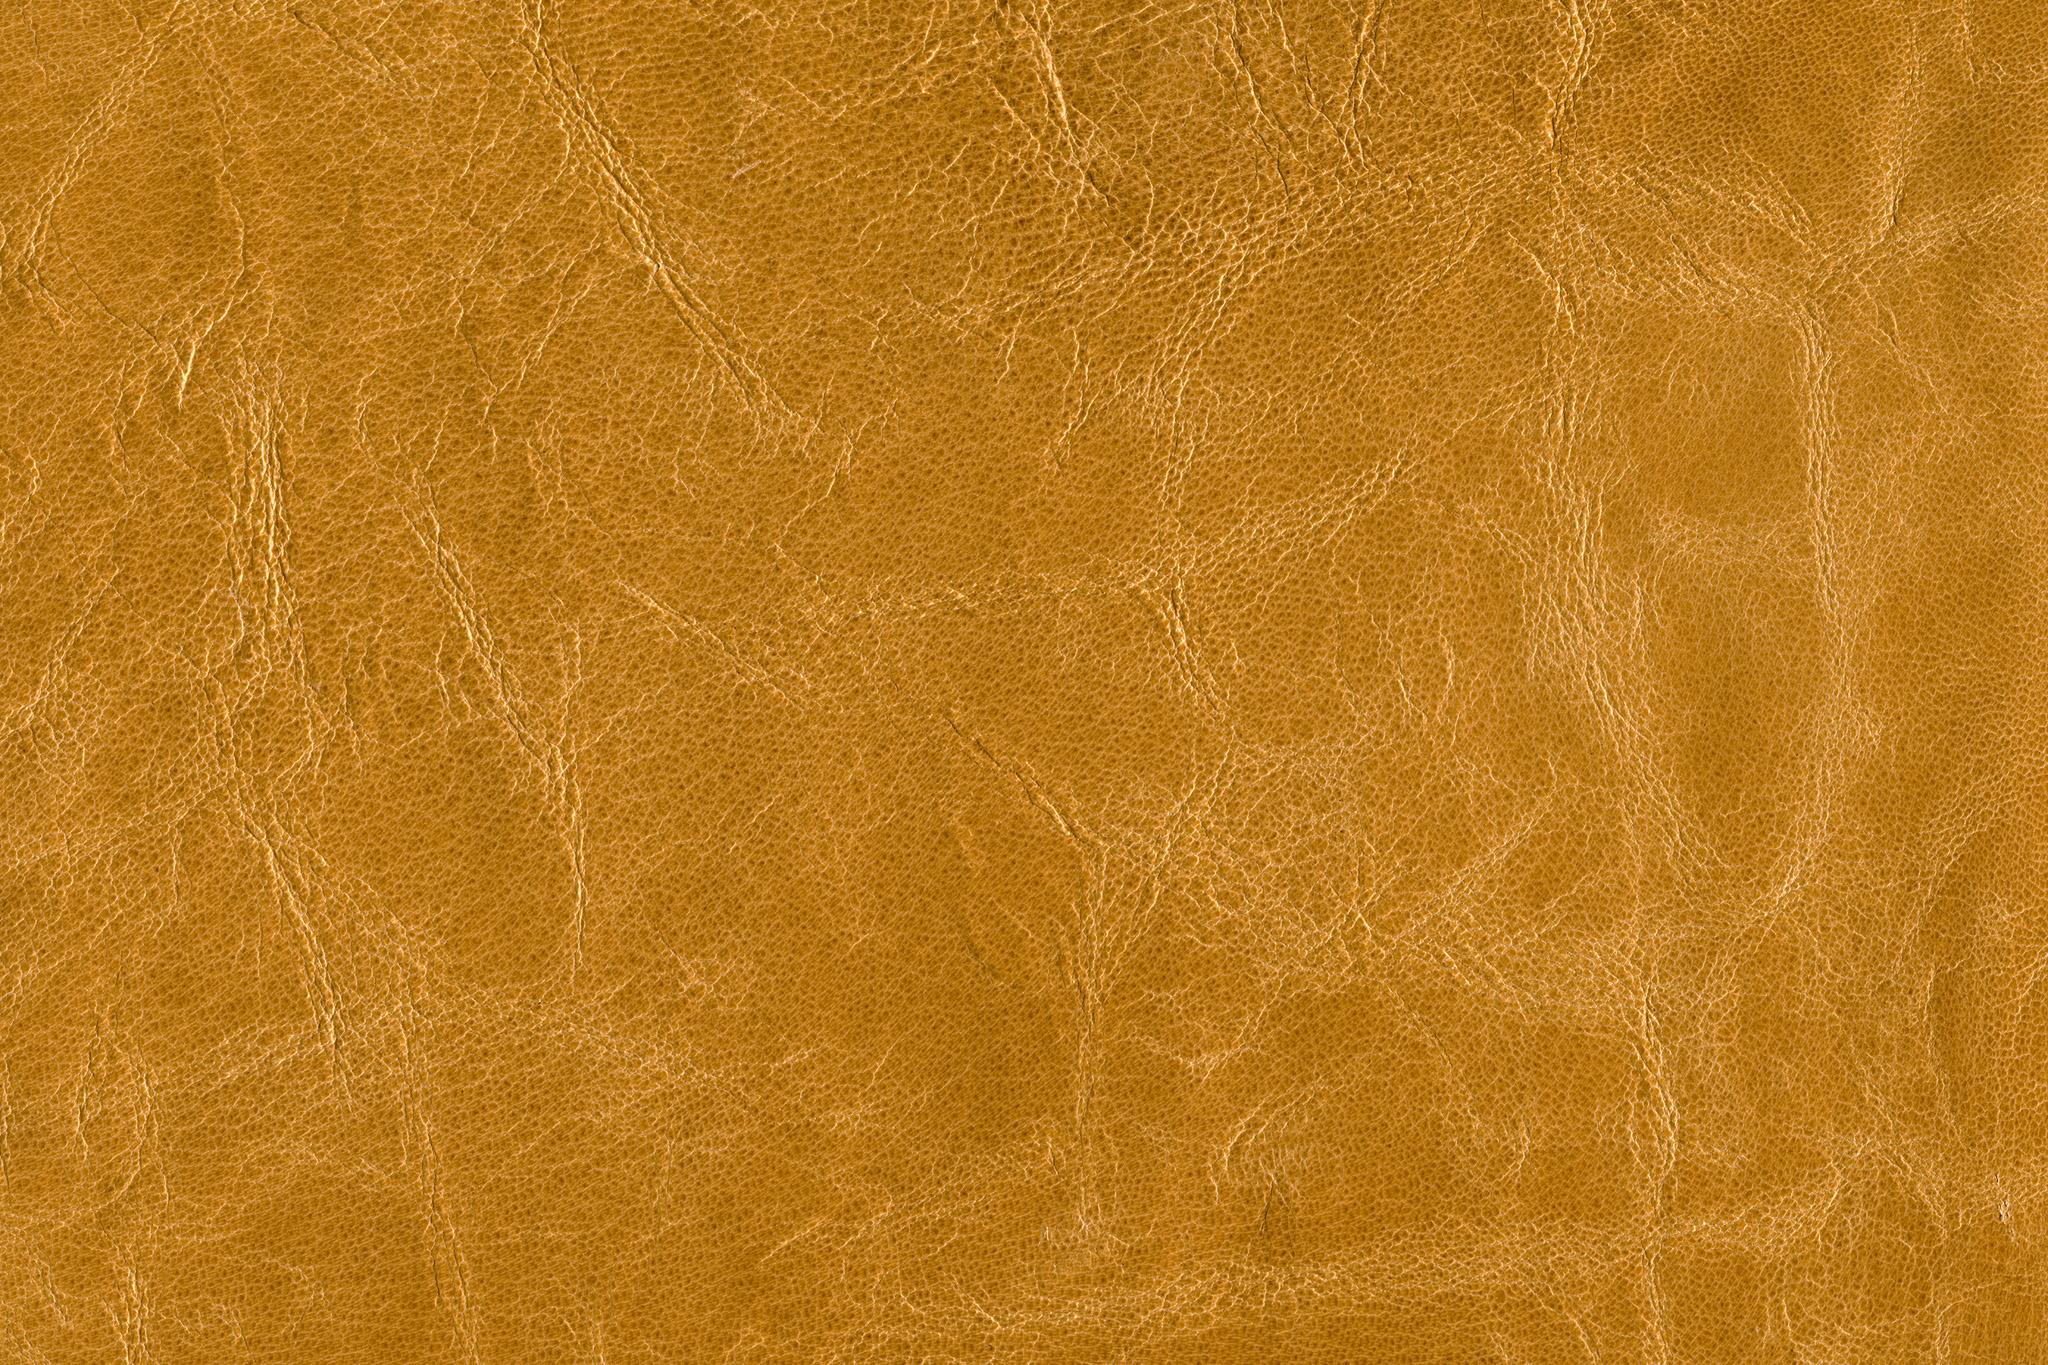 「シワのある茶色の革」の画像を無料ダウンロード